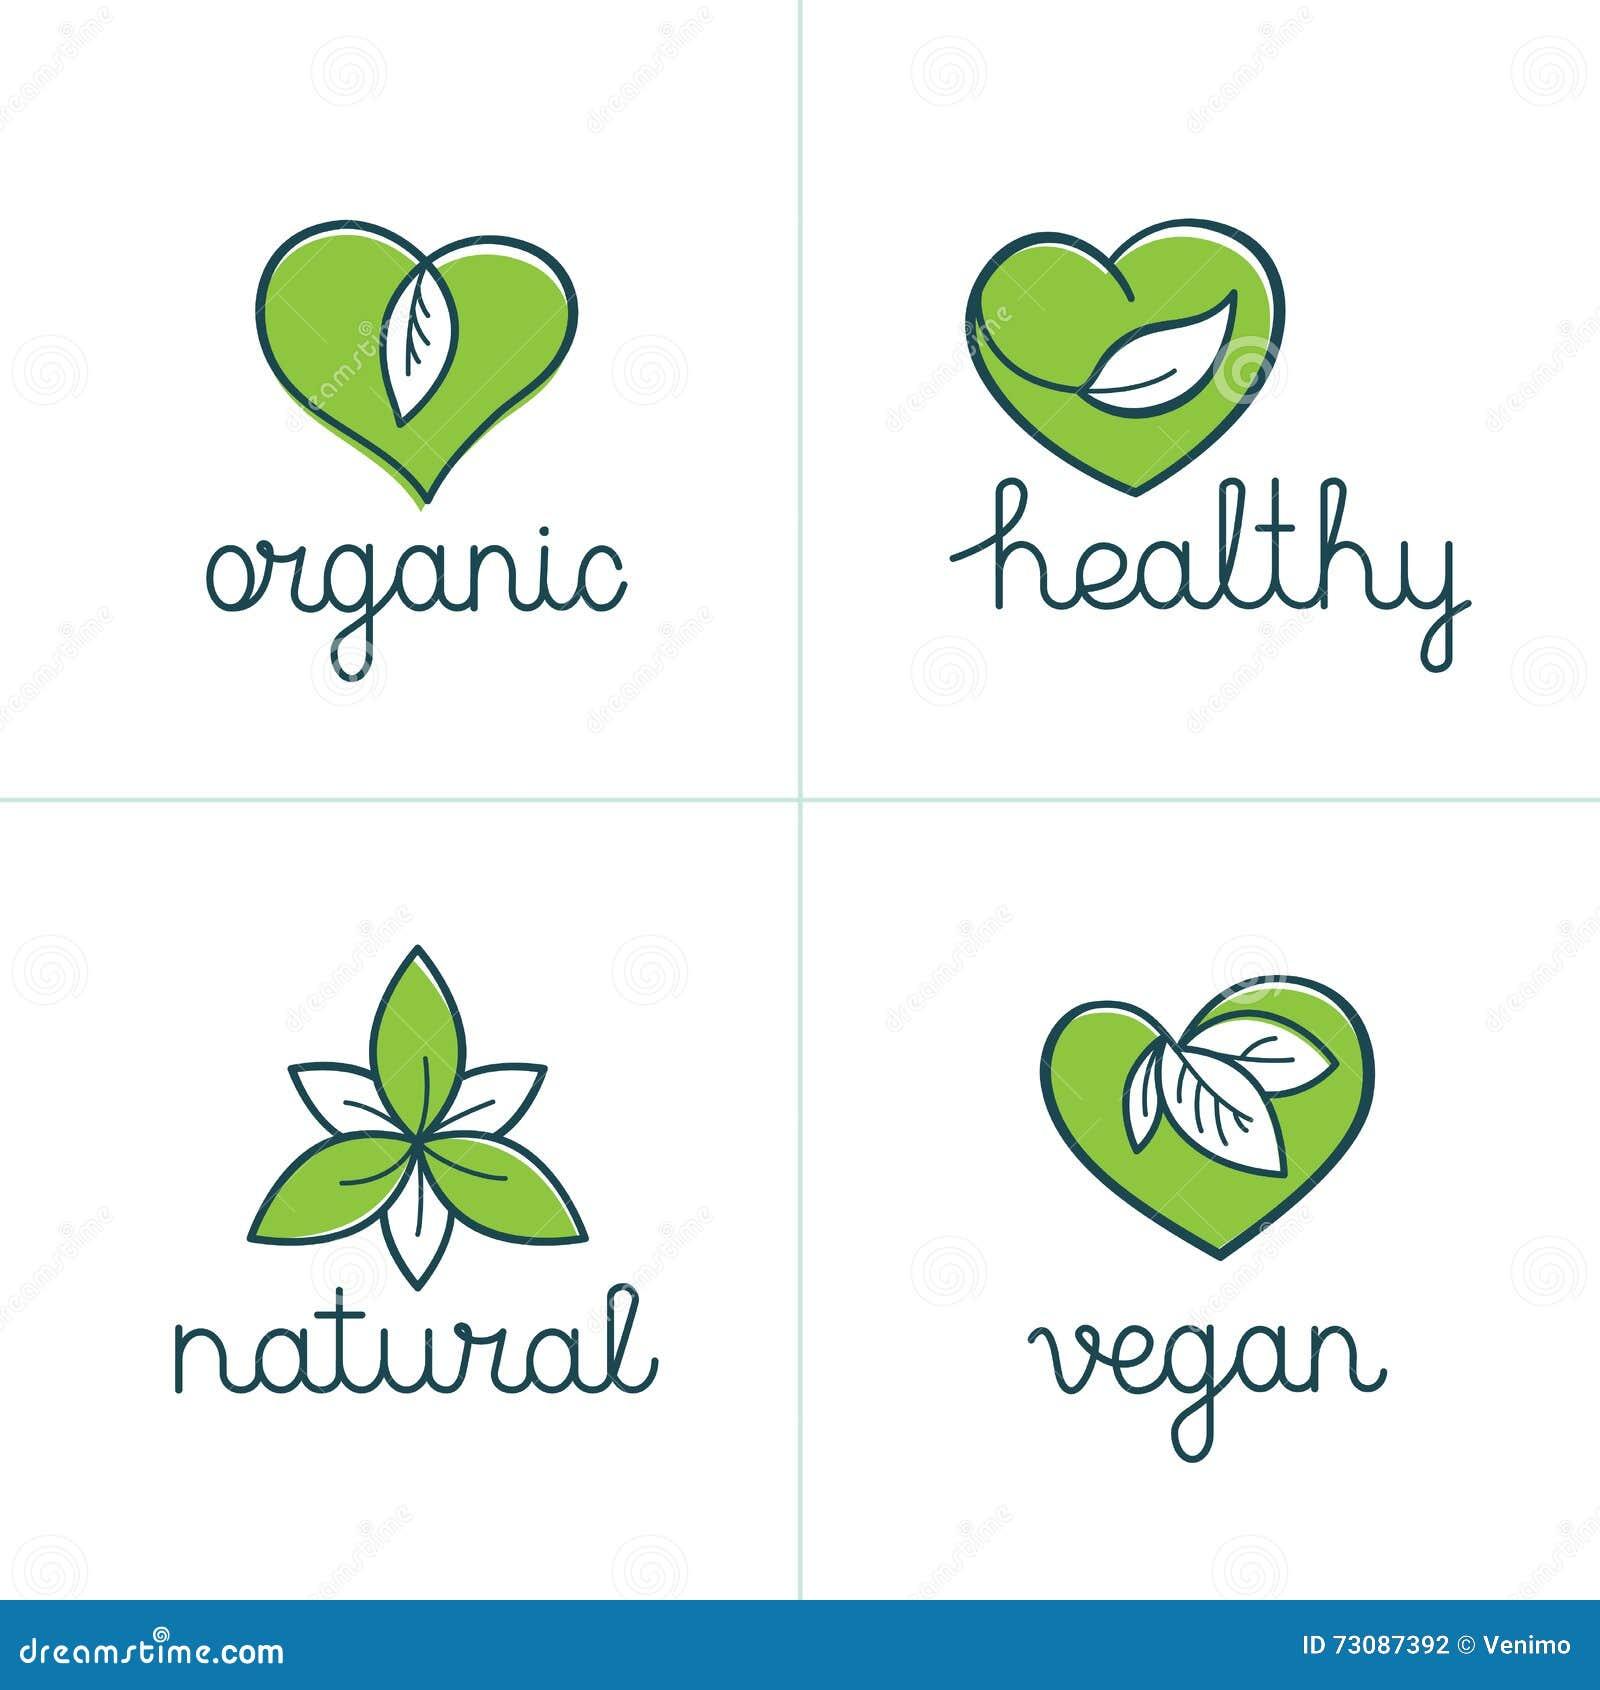 Значки органических, здоровых и vegan - эмблемы для вегетарианской еды